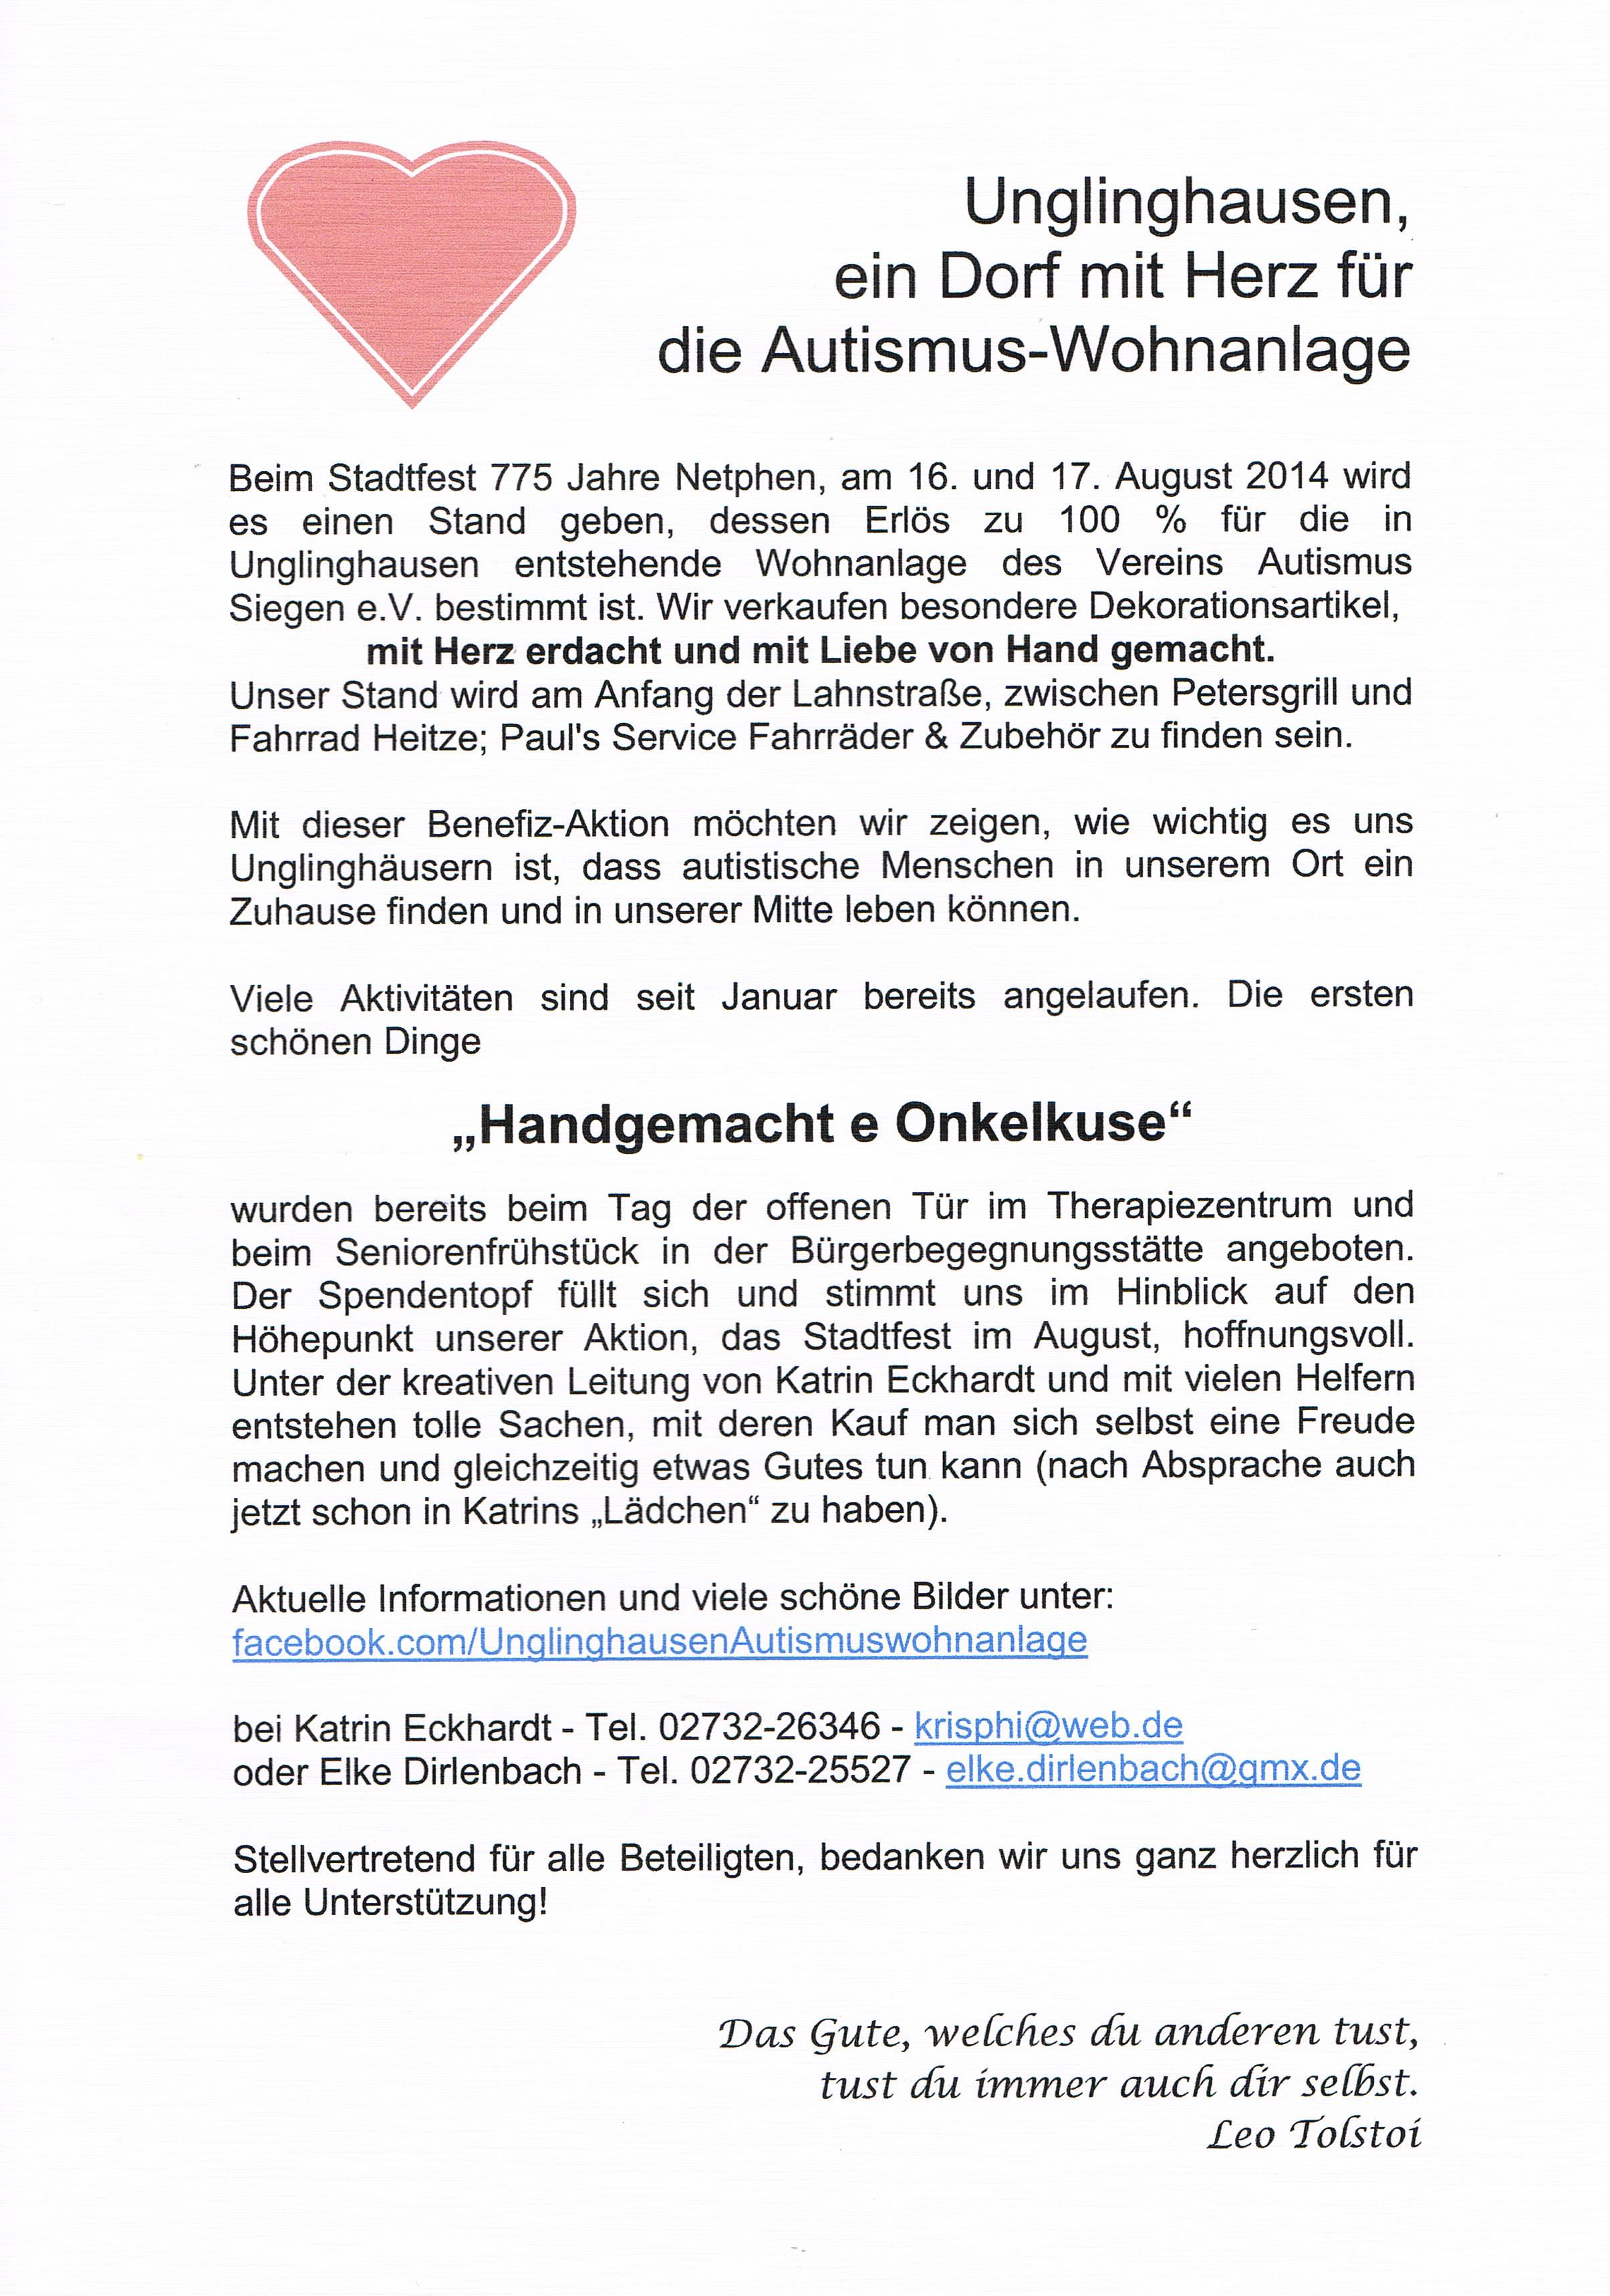 Unglinghausen – ein Dorf mit Herz für Autismus   Unglinghausen.de